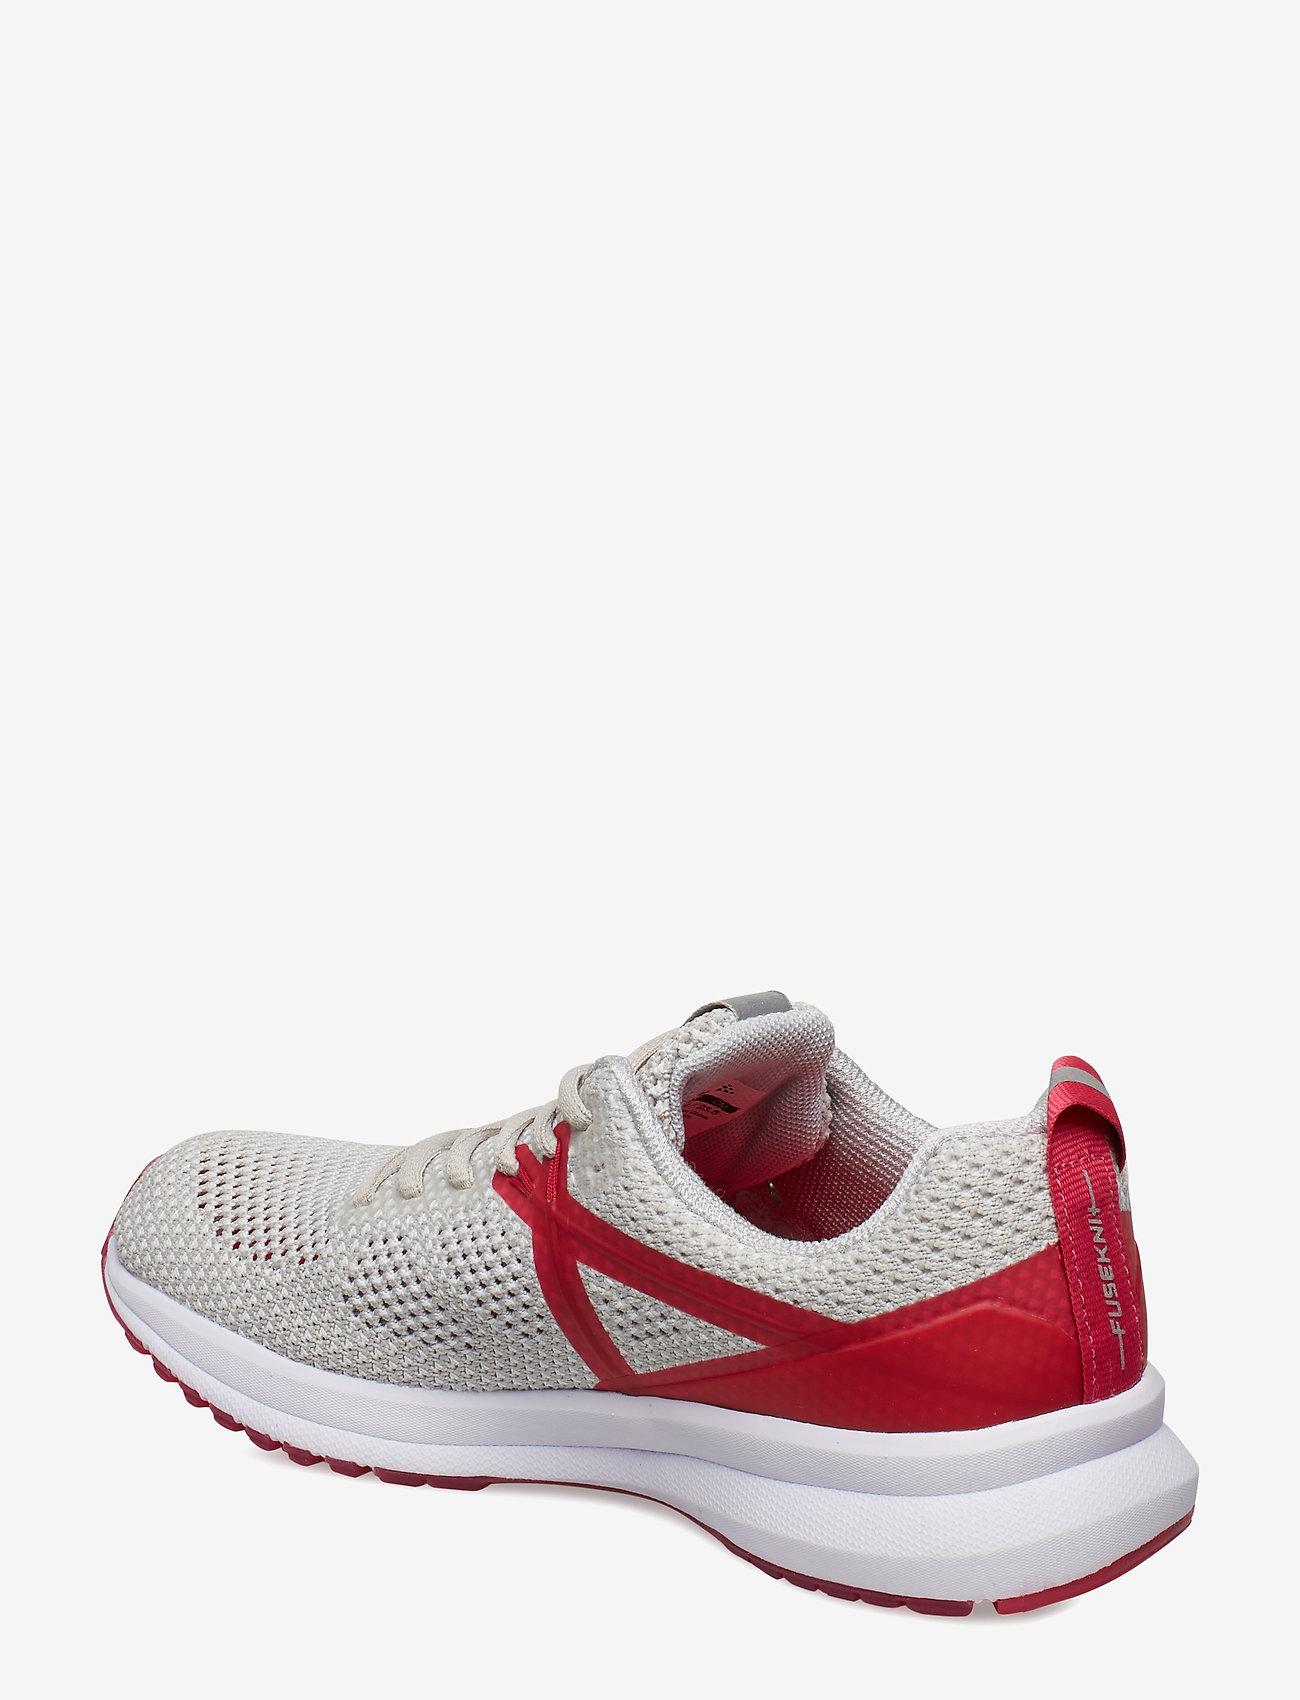 Shoe X165 Fuseknit (Platinum/jam) - Craft